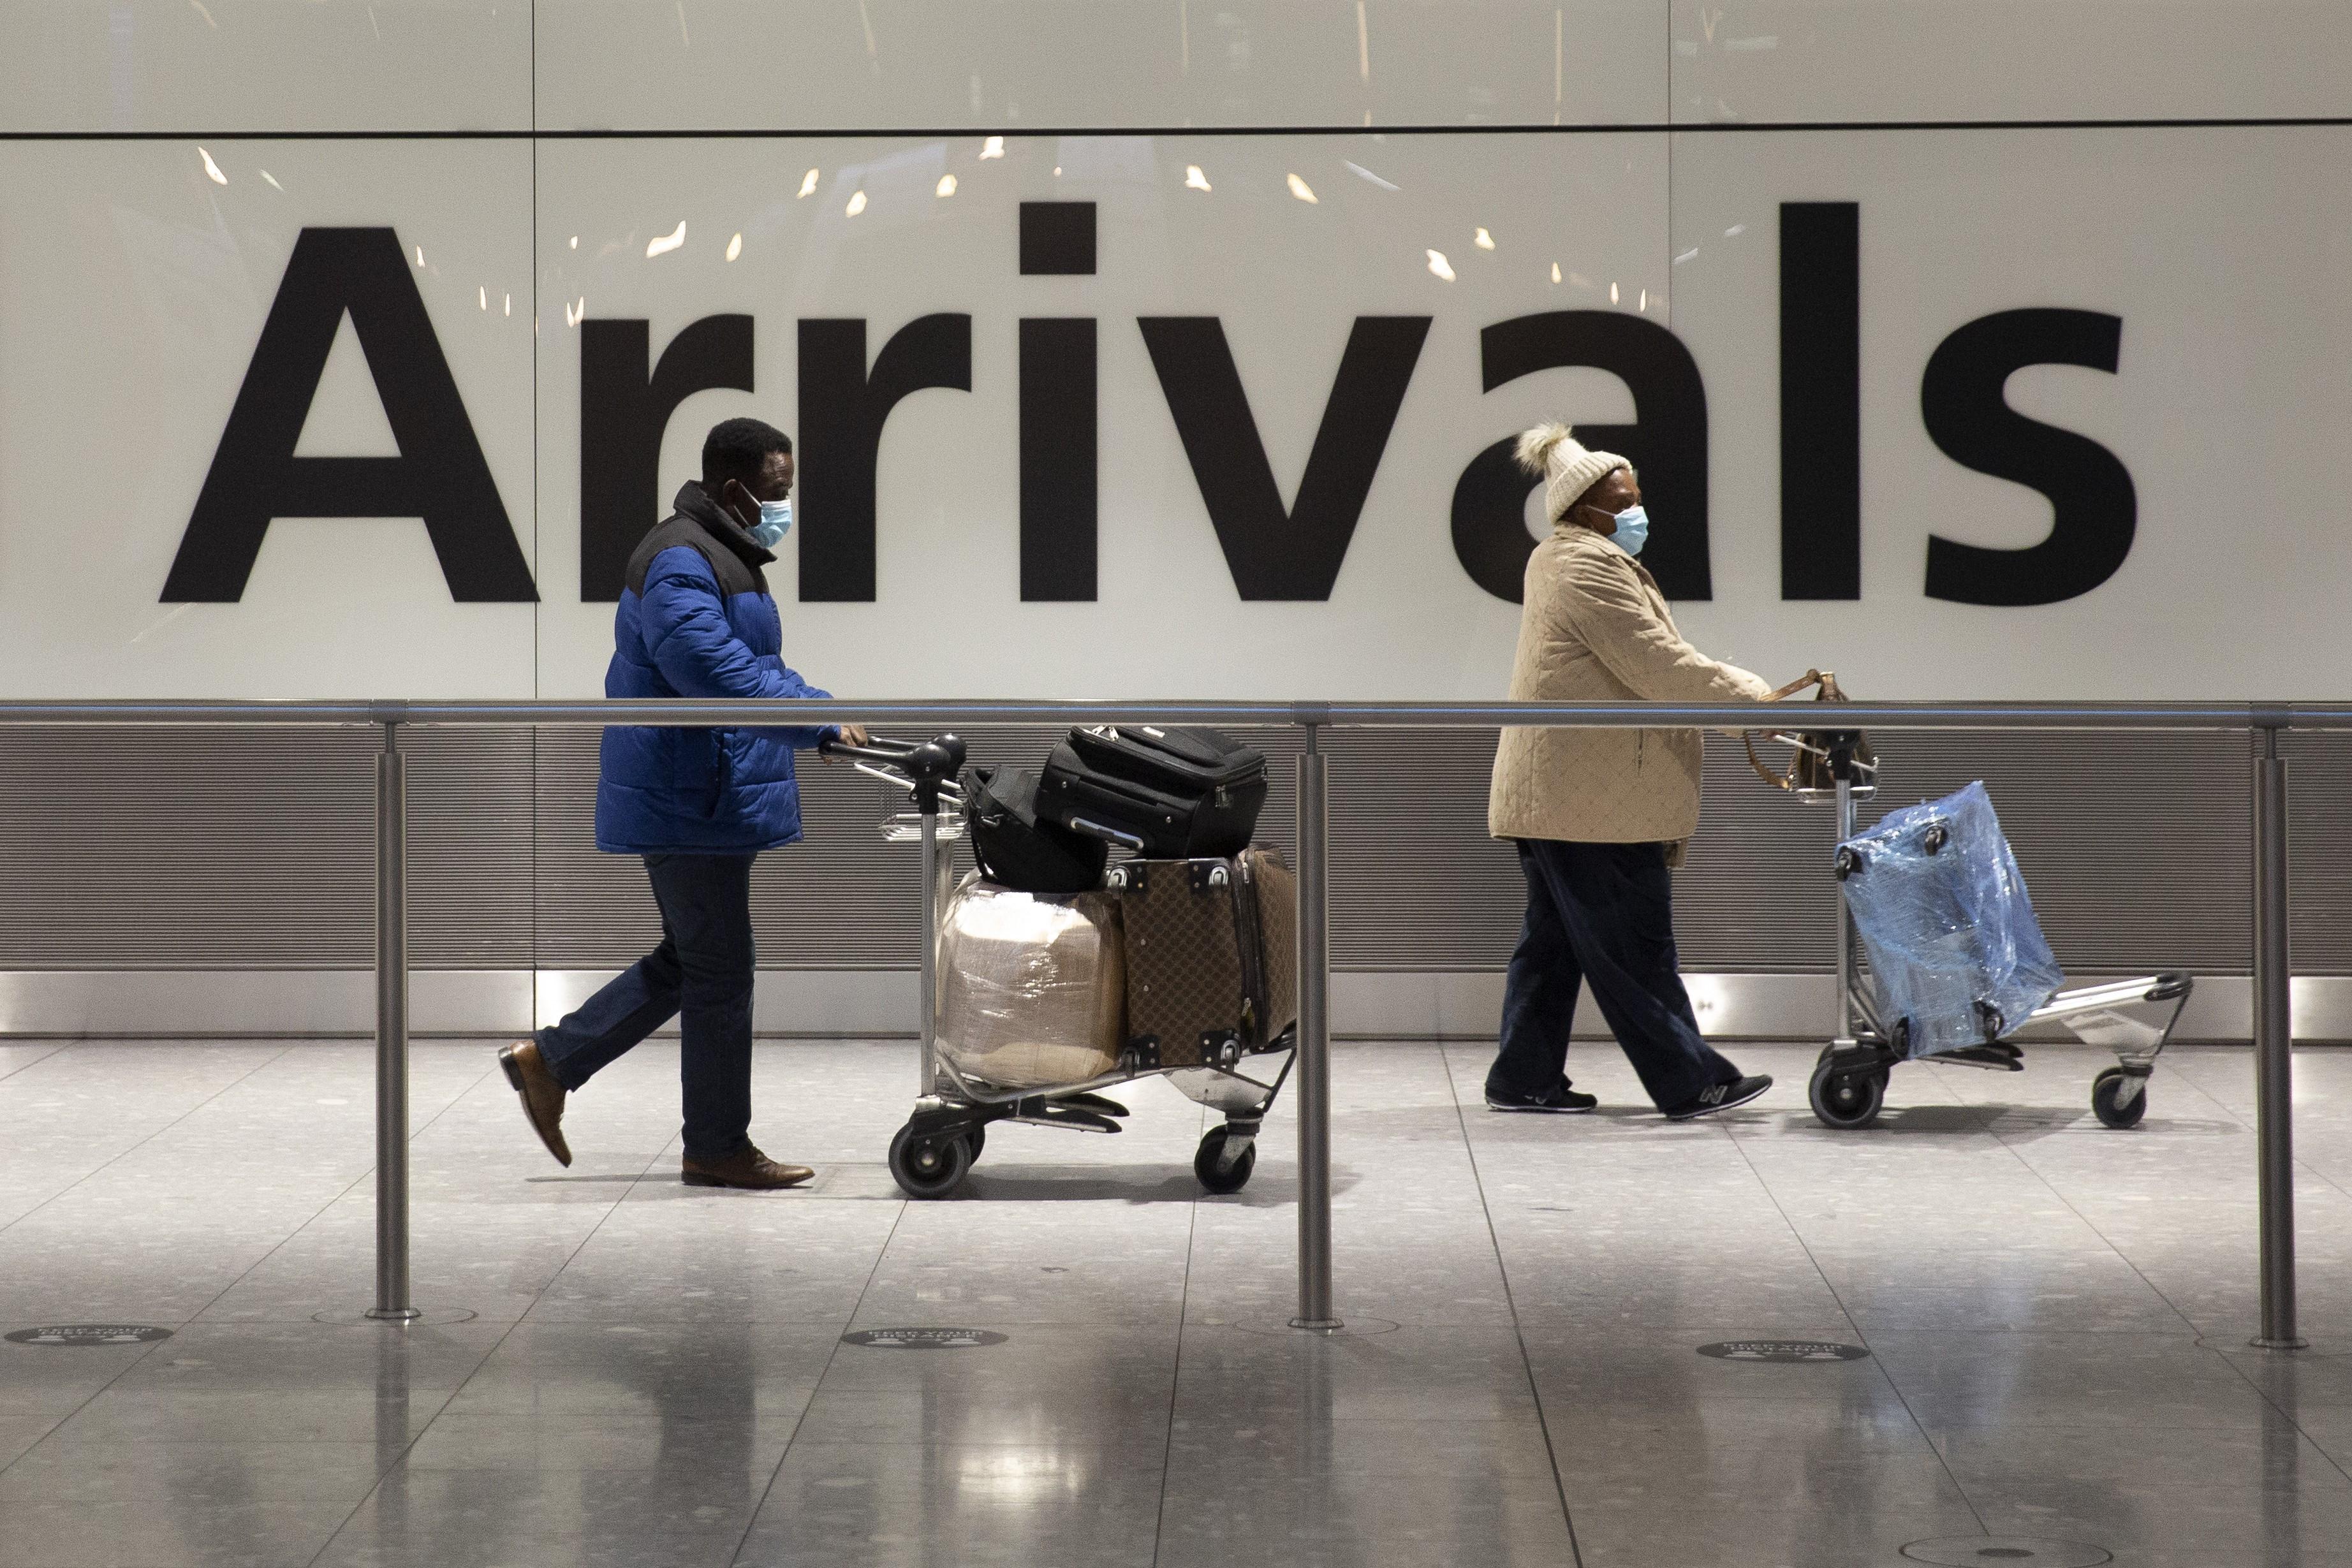 Reino Unido quer liberar viagens, mas está receoso com ricos, diz ministro